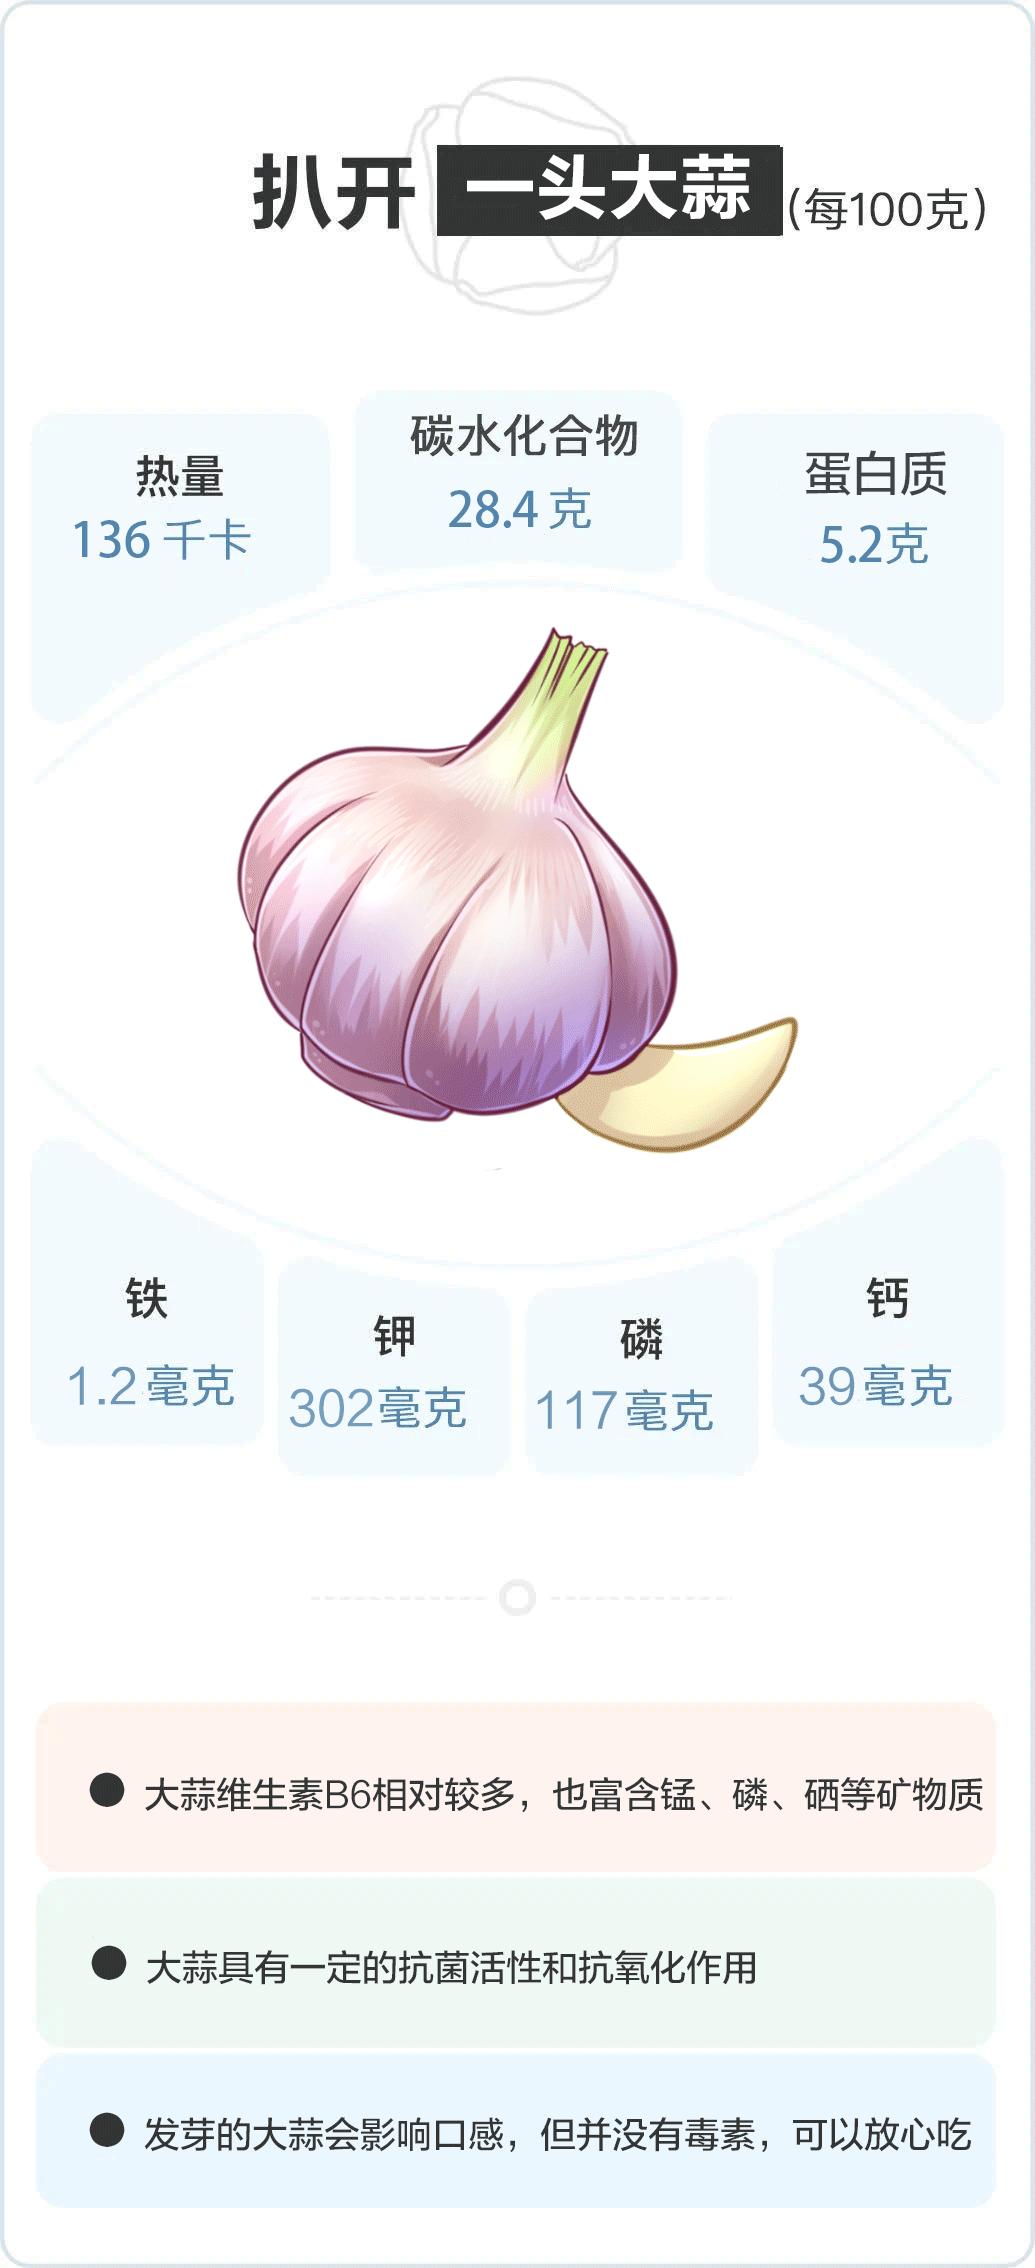 大蒜的营养成分